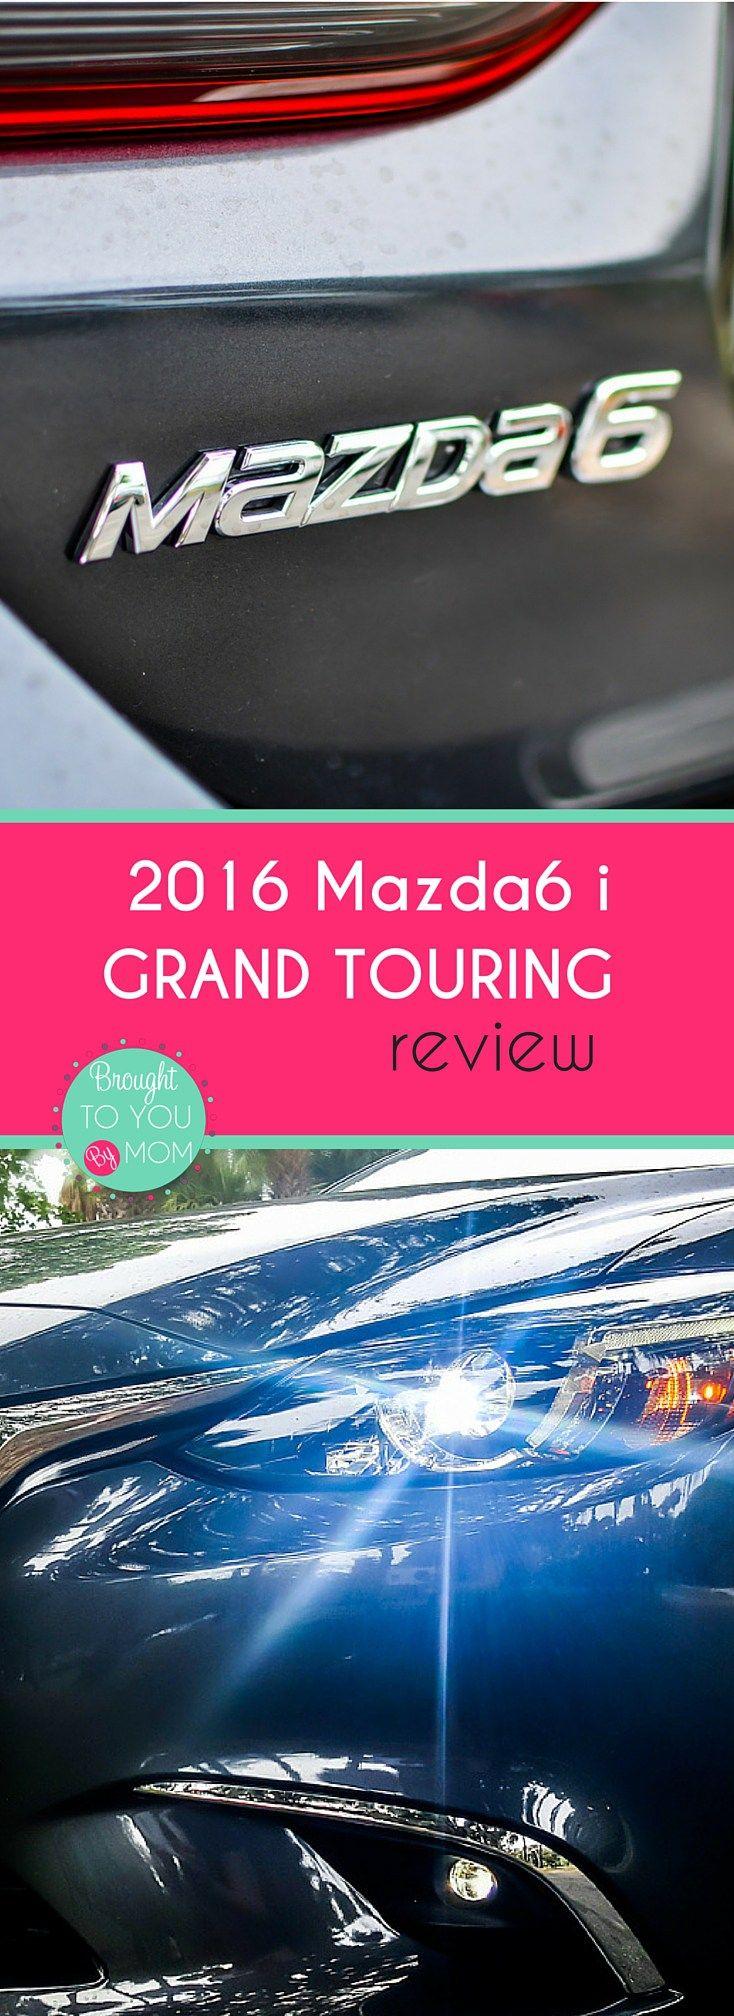 2016 Mazda Mazda6 i Grand Touring Reveiw